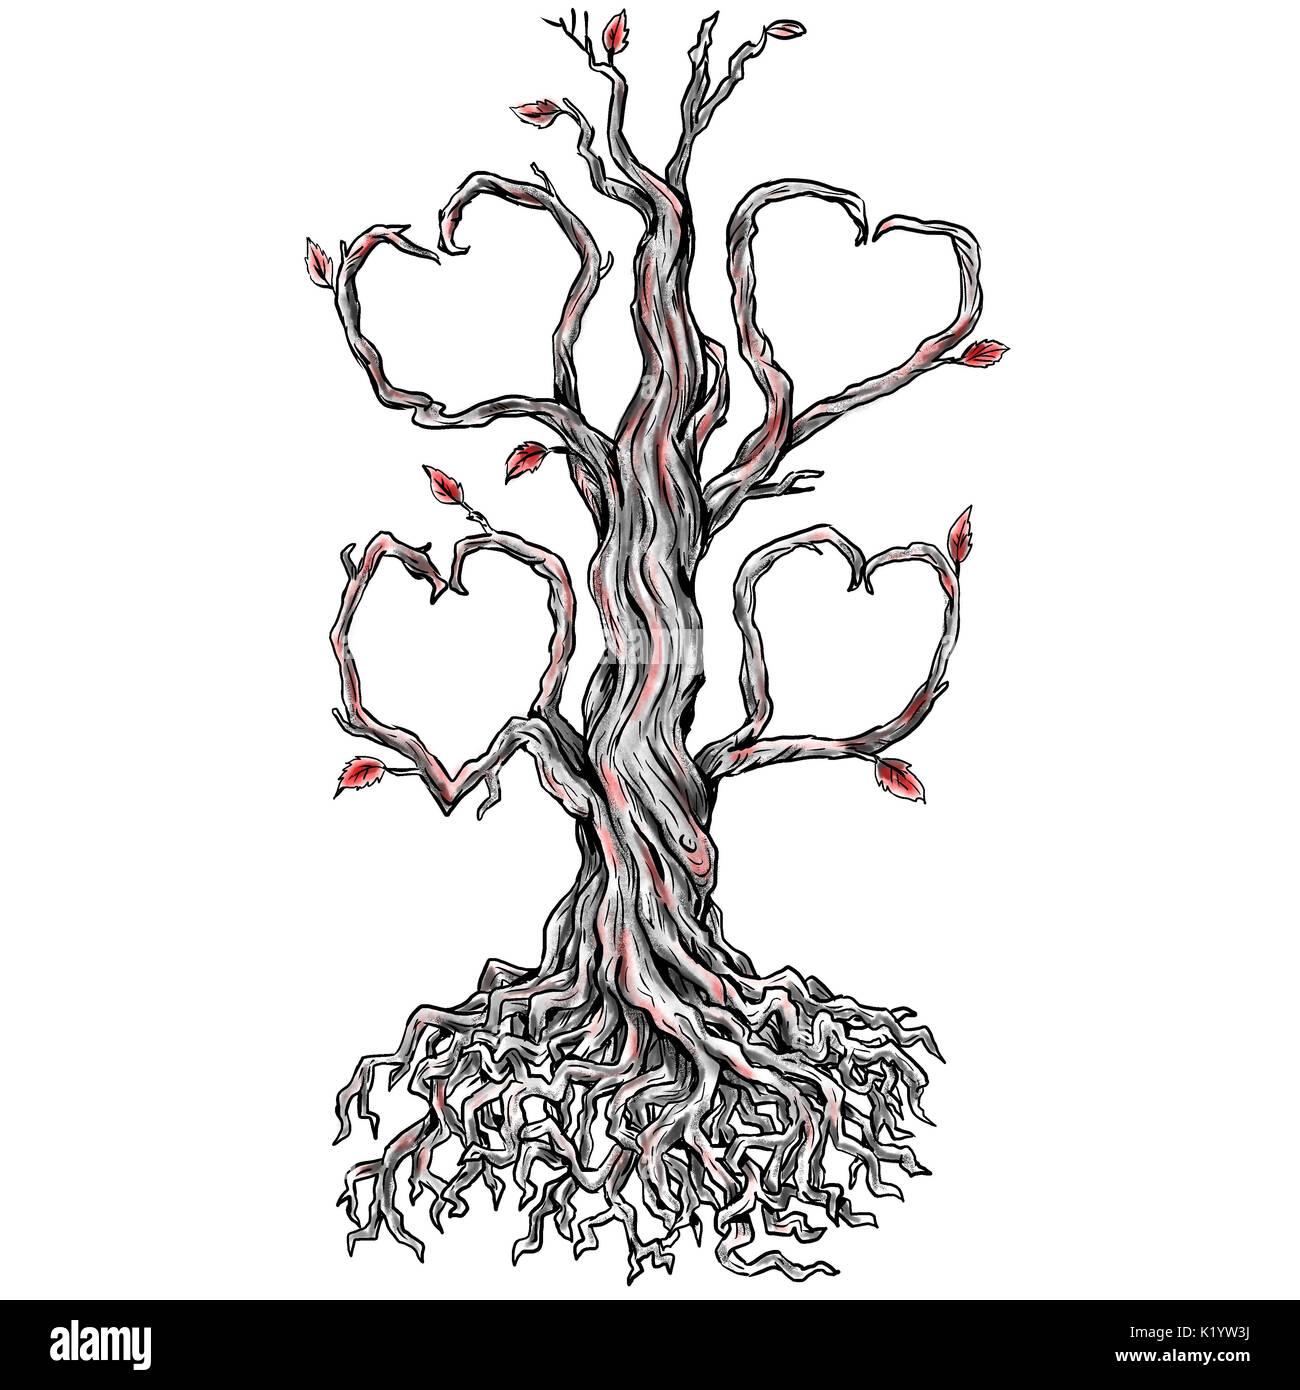 Ilustración Estilo Tatuaje De Un Roble Retorcido árbol Sin Hojas Y